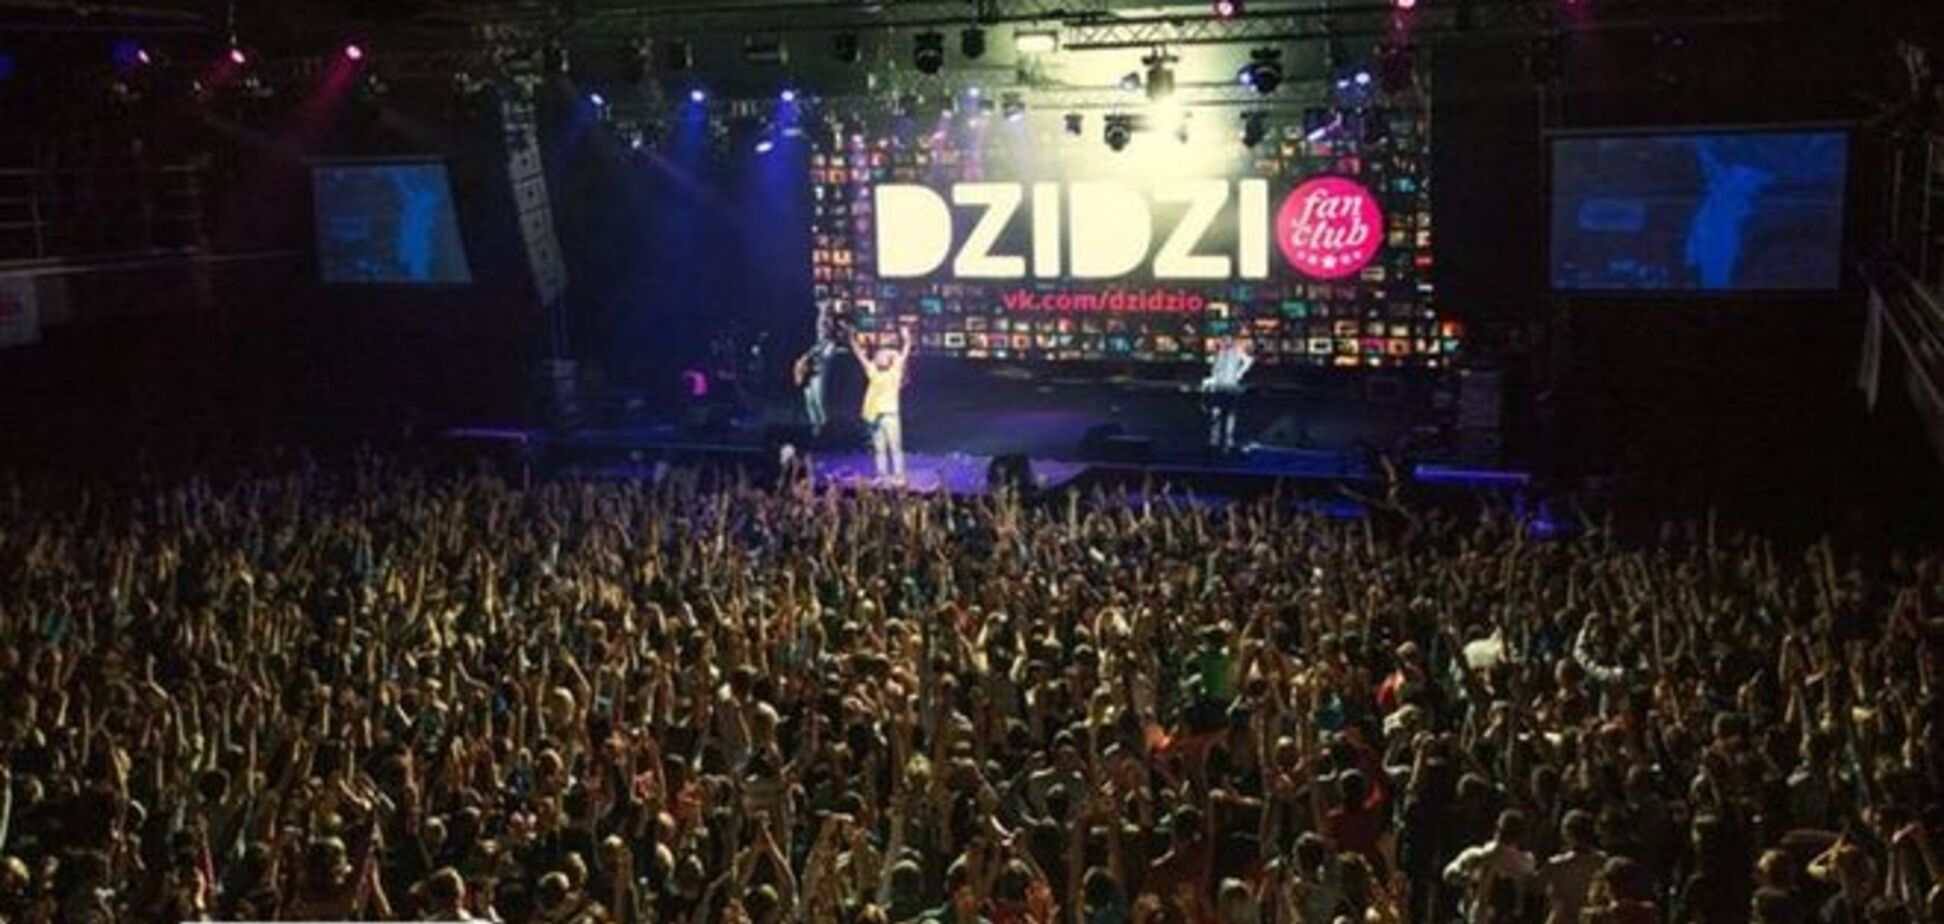 'Dzidzio' в Киеве пообещал наподдать фанатам и не захотел показывать Мейсона